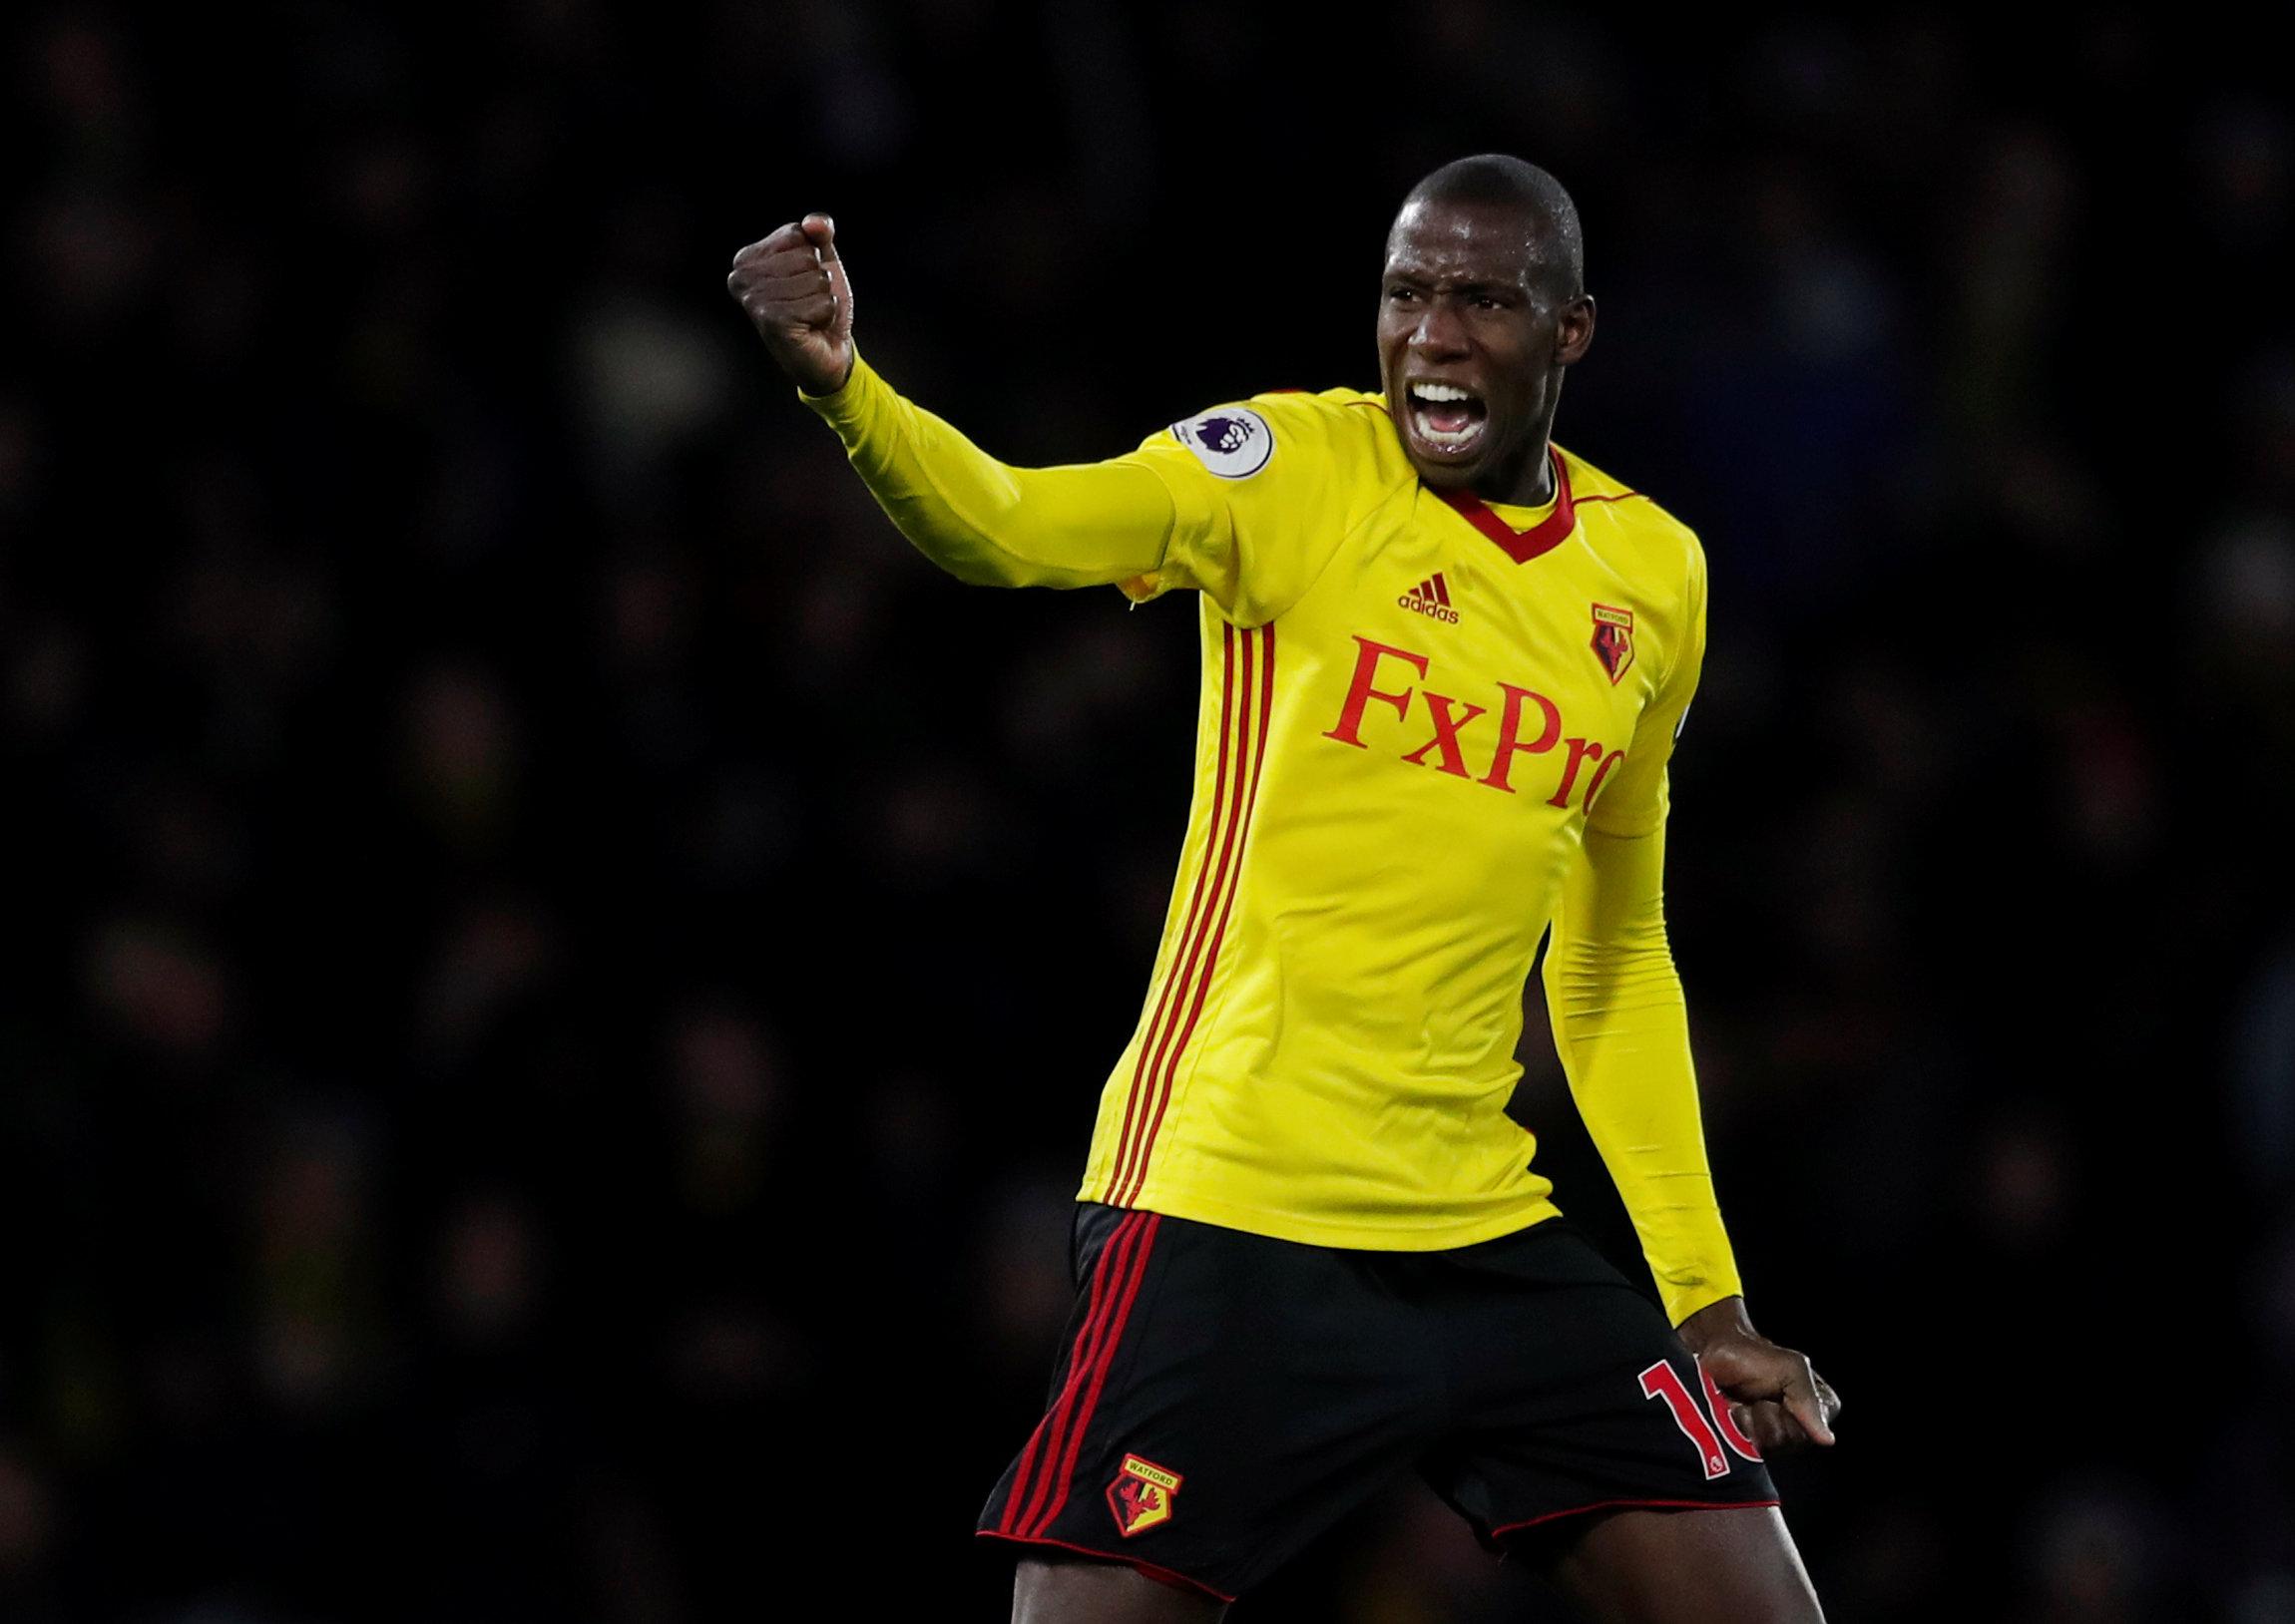 Niềm vui của Doucoure sau khi rút ngắn tỉ số xuống 2-3 cho Watford. Ảnh: REUTERS